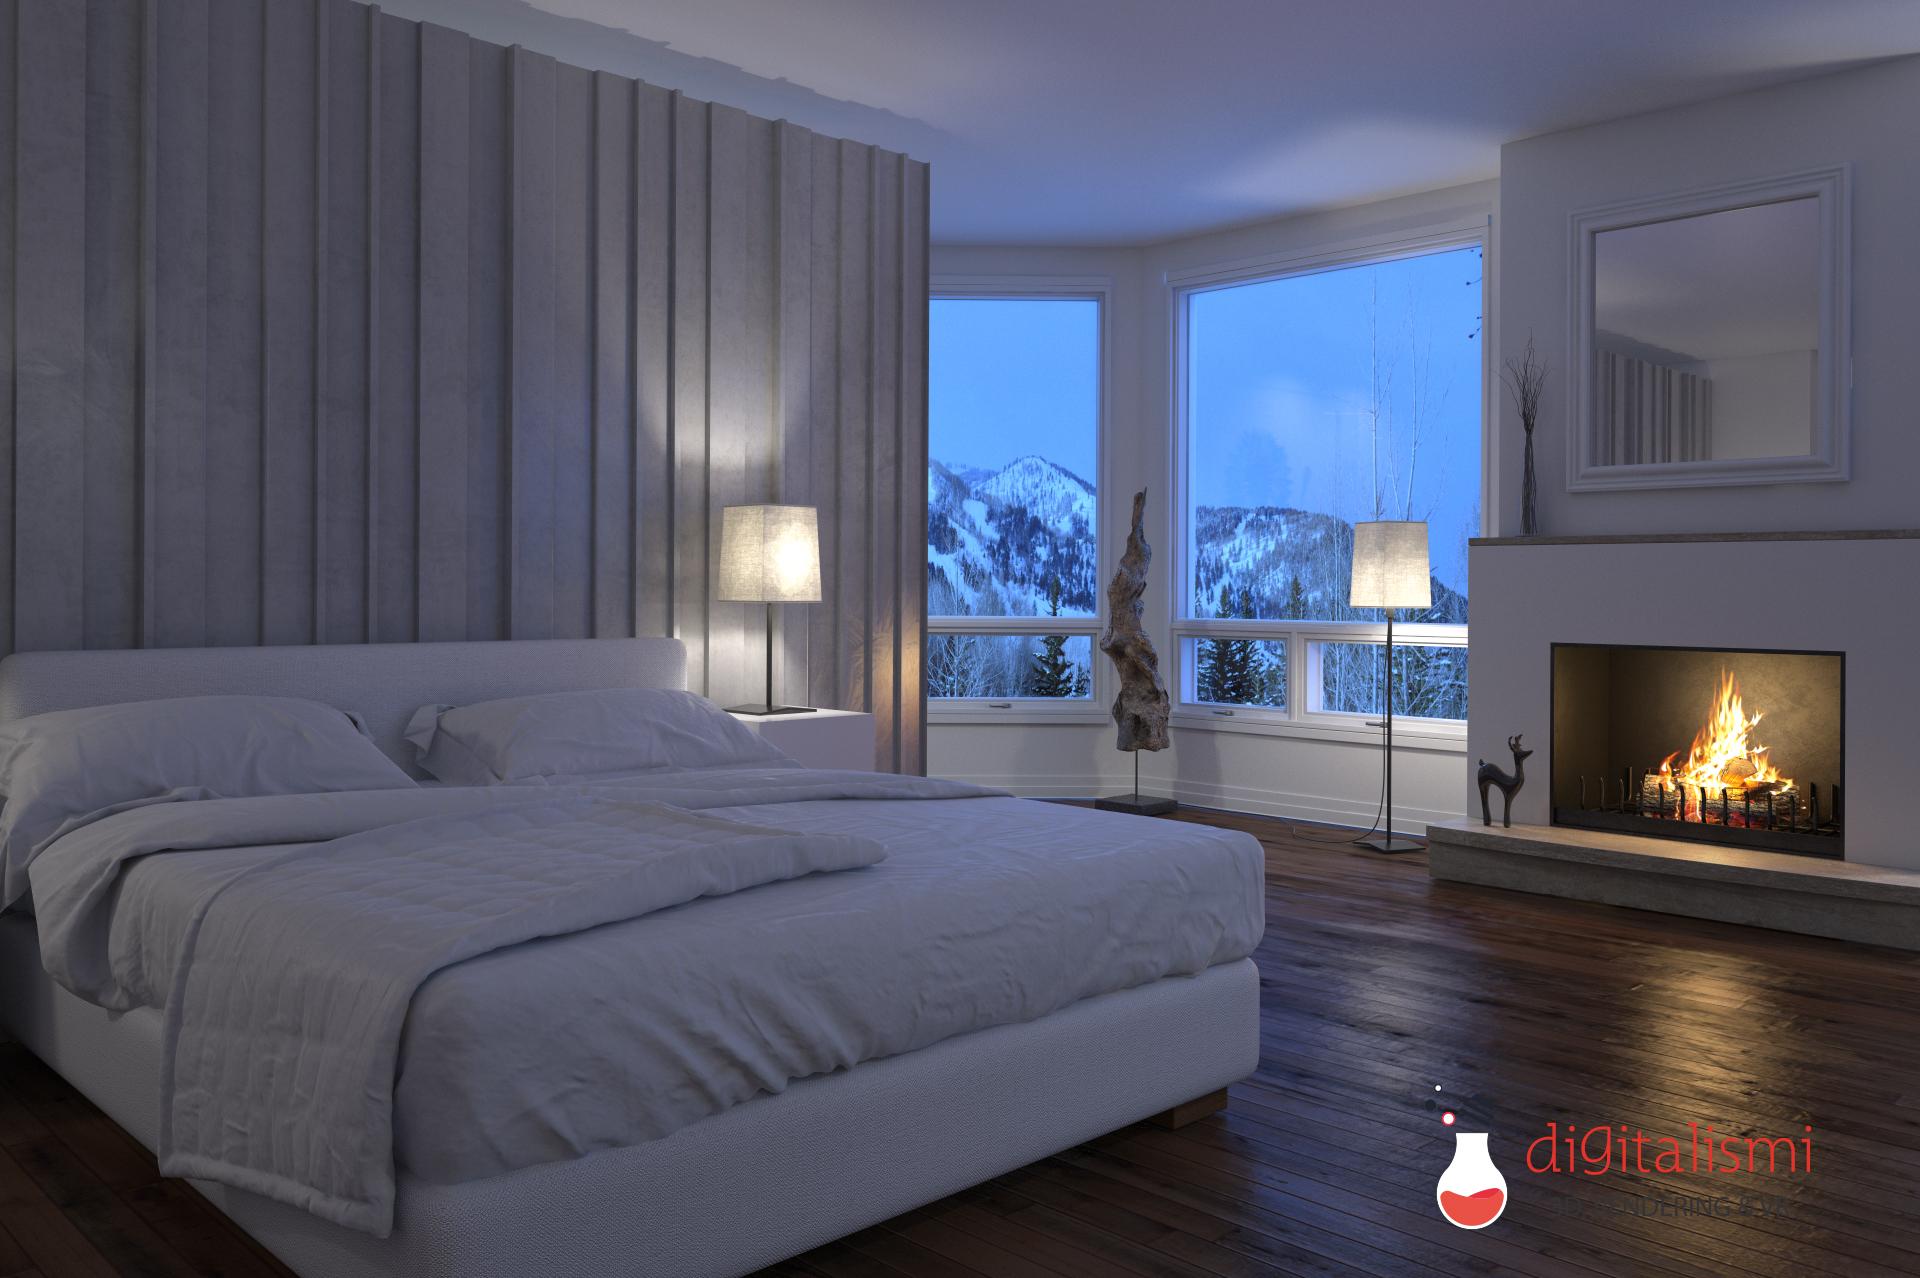 Rendering interni camere da letto digitalismi - Camere da letto immagini ...